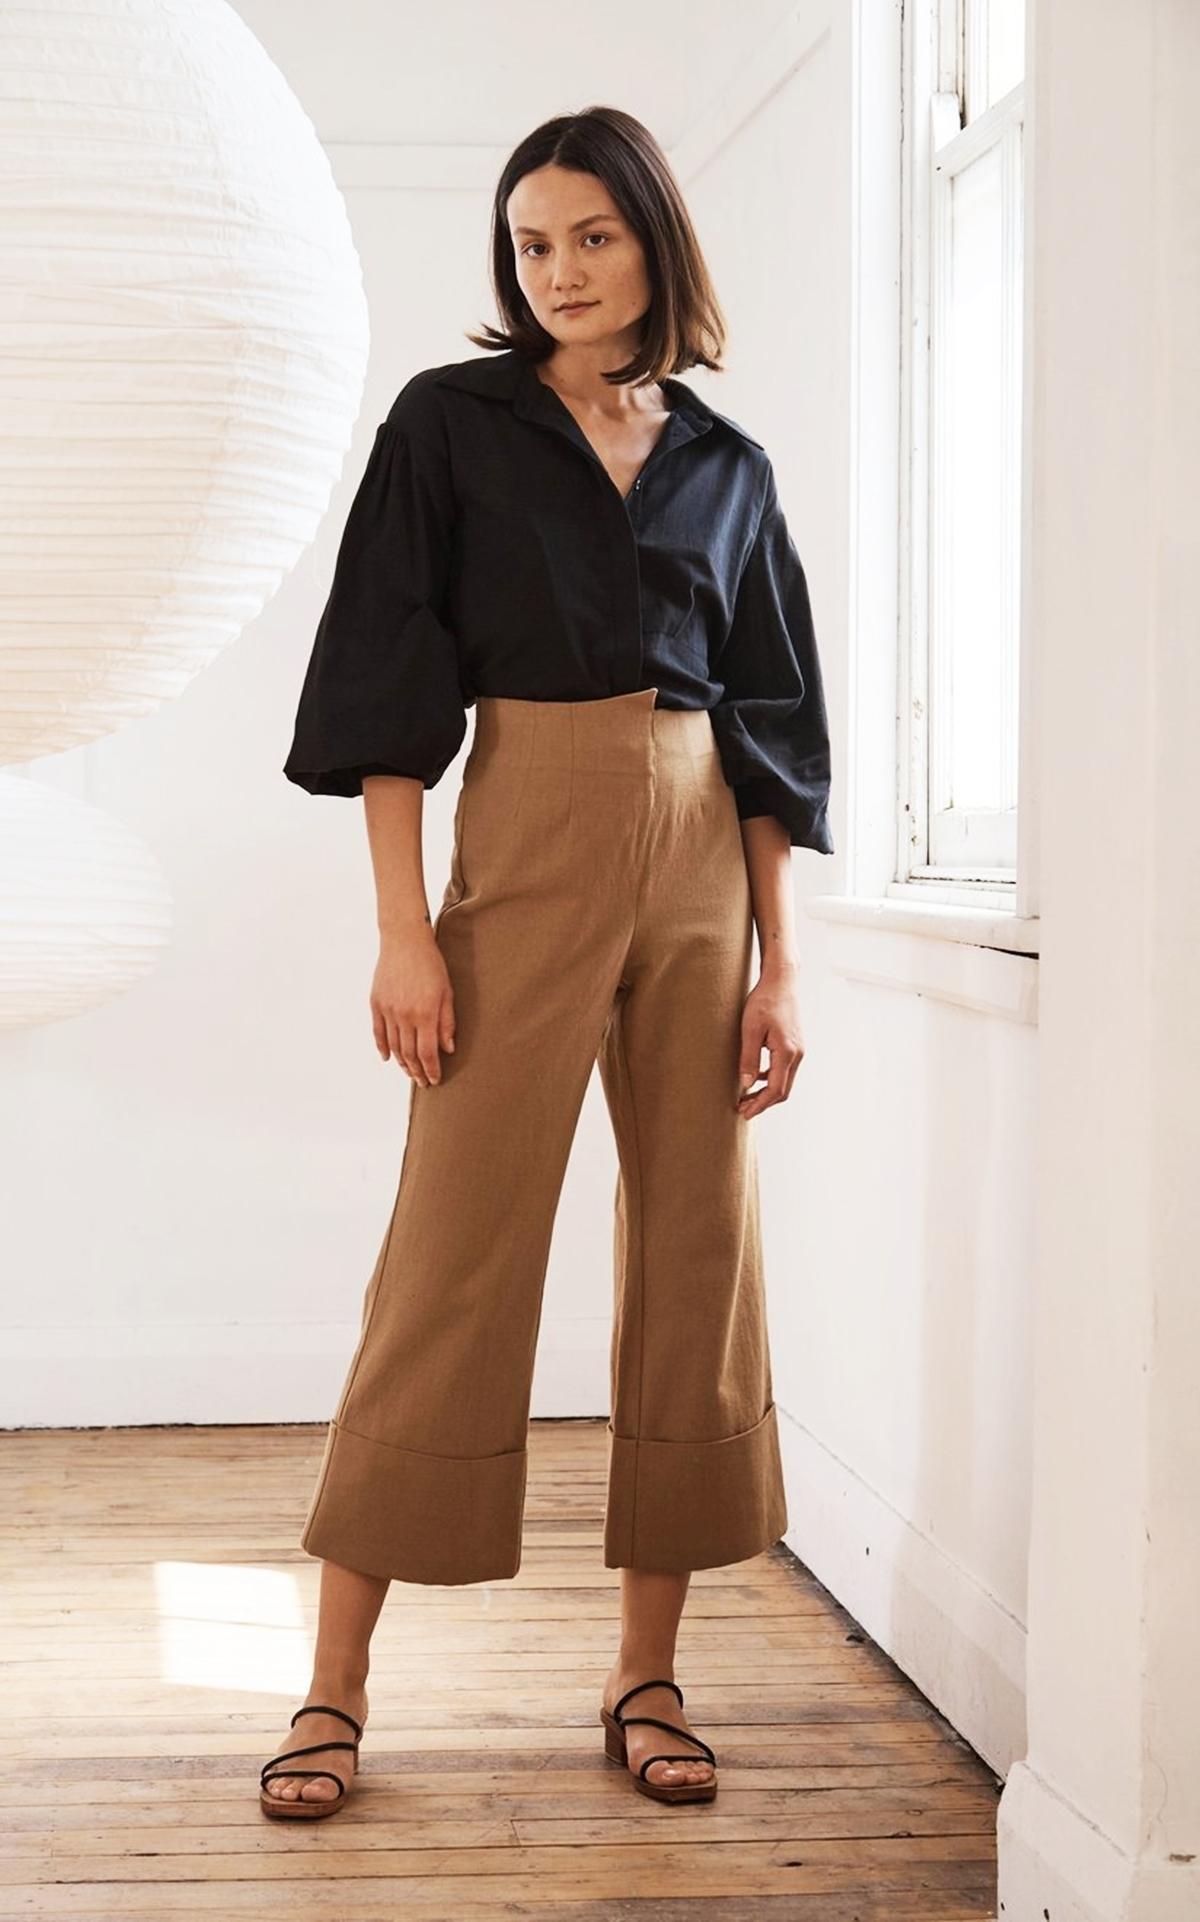 Trong BST Pre-Fall 20, nhà mốt St. Agni ra mắt mẫu quần lửng màu nâu, ống loe mang phong cách cổ điển. Thiết kế làm từ cotton pha lanh, giá 195 USD (hơn 4,5 triệu).